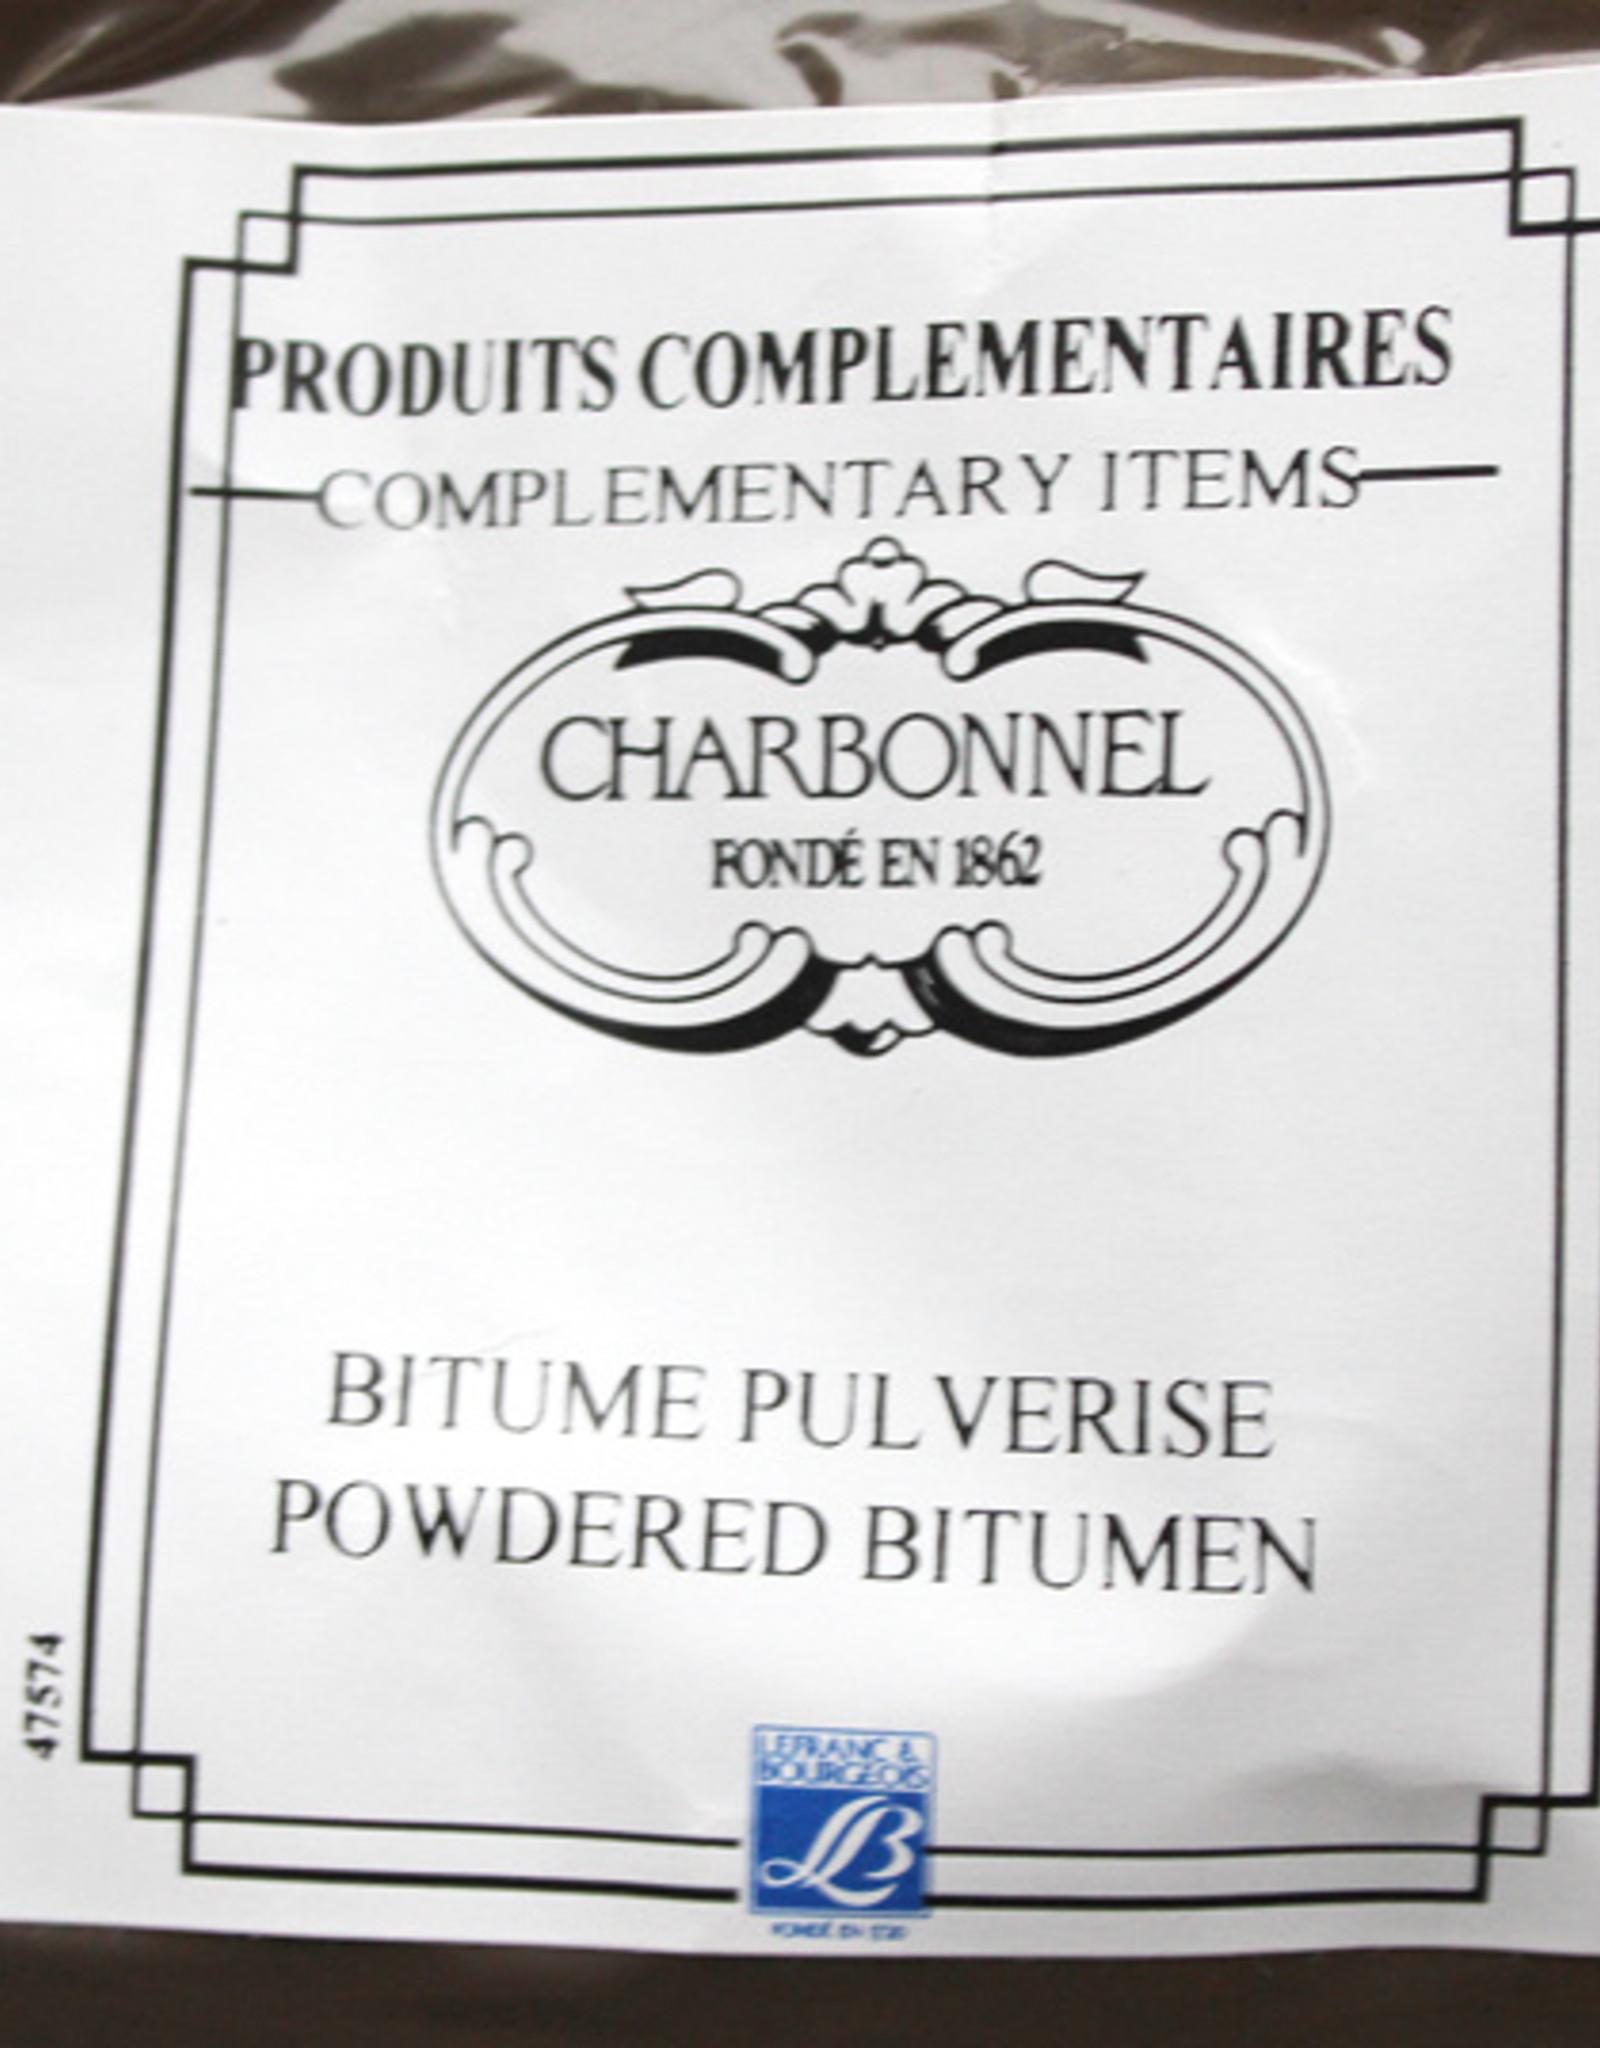 L&B Charbonnel Asfaltpoeder wordt gebruik om zelf Asfalt-tinctuur te maken. Asphalttinctuur wordt bijvoorbeeld gebruikt om het vetbeeld bij lithografie te verstevigen opdat de inkt goed pakt.